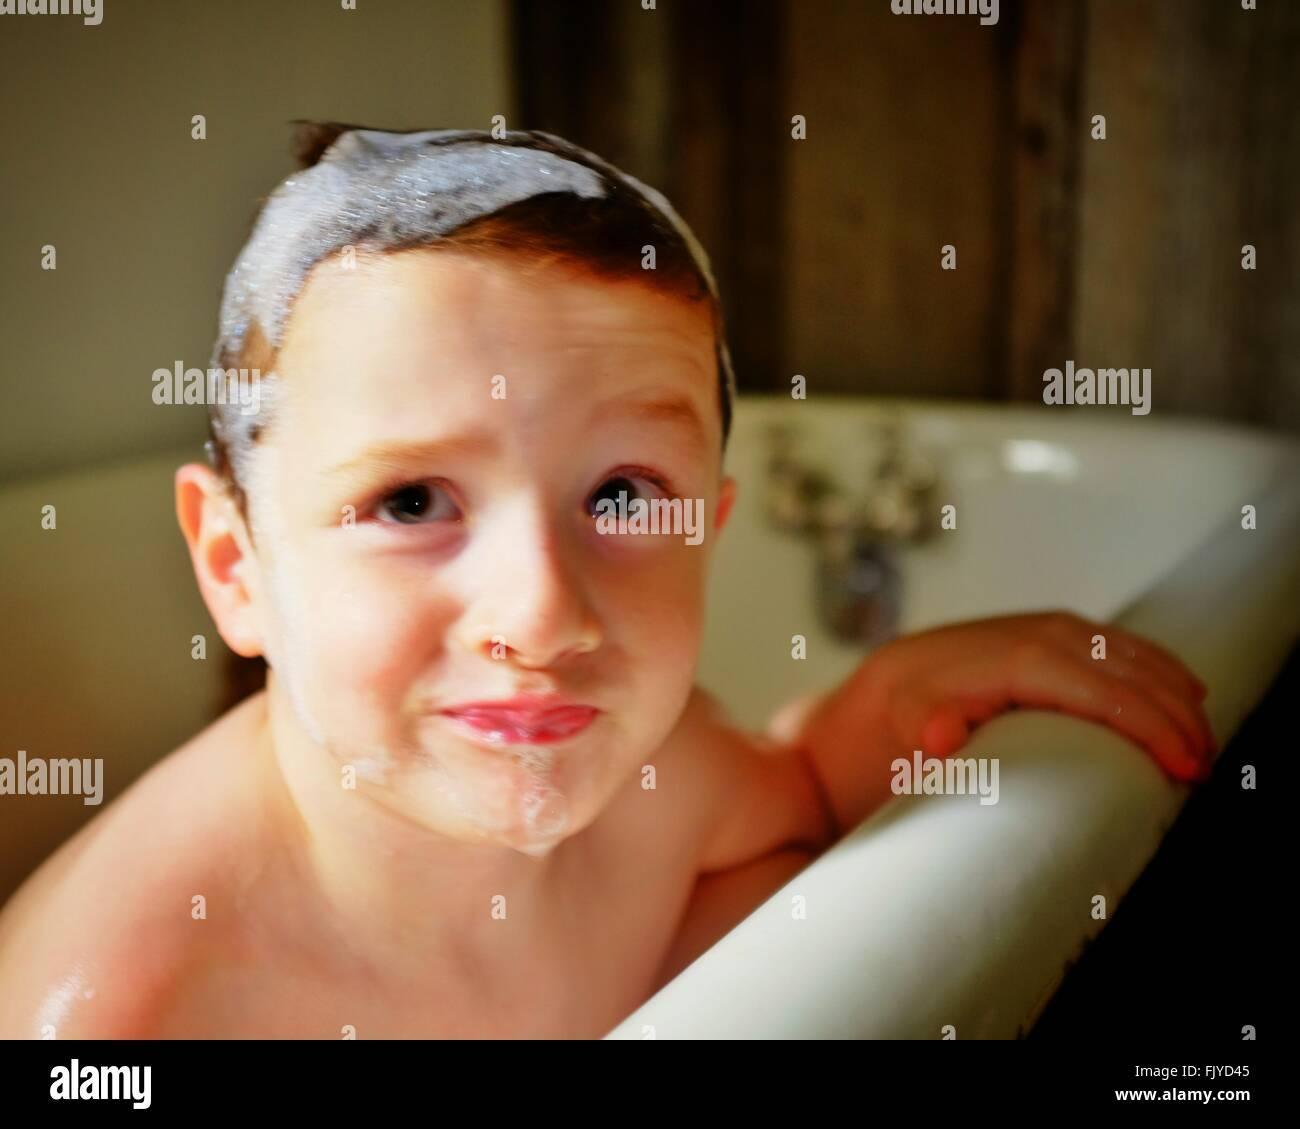 Bubble Bath Stock Photos & Bubble Bath Stock Images - Alamy